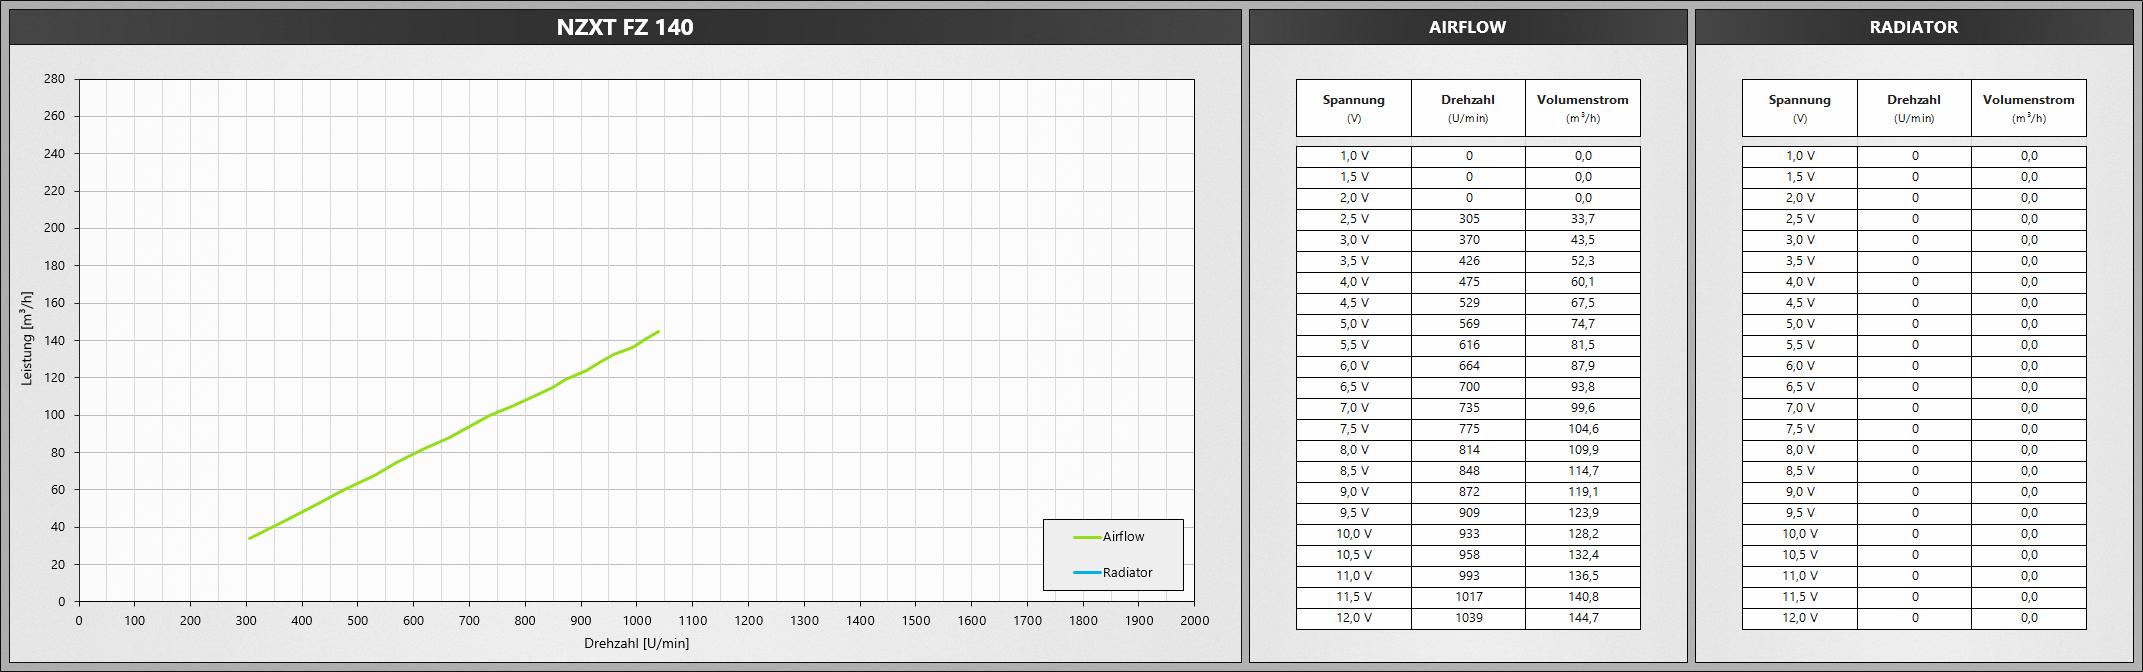 Klicken Sie auf die Grafik für eine größere Ansicht  Name:NZXTFZ140.png Hits:646 Größe:465,1 KB ID:1074775